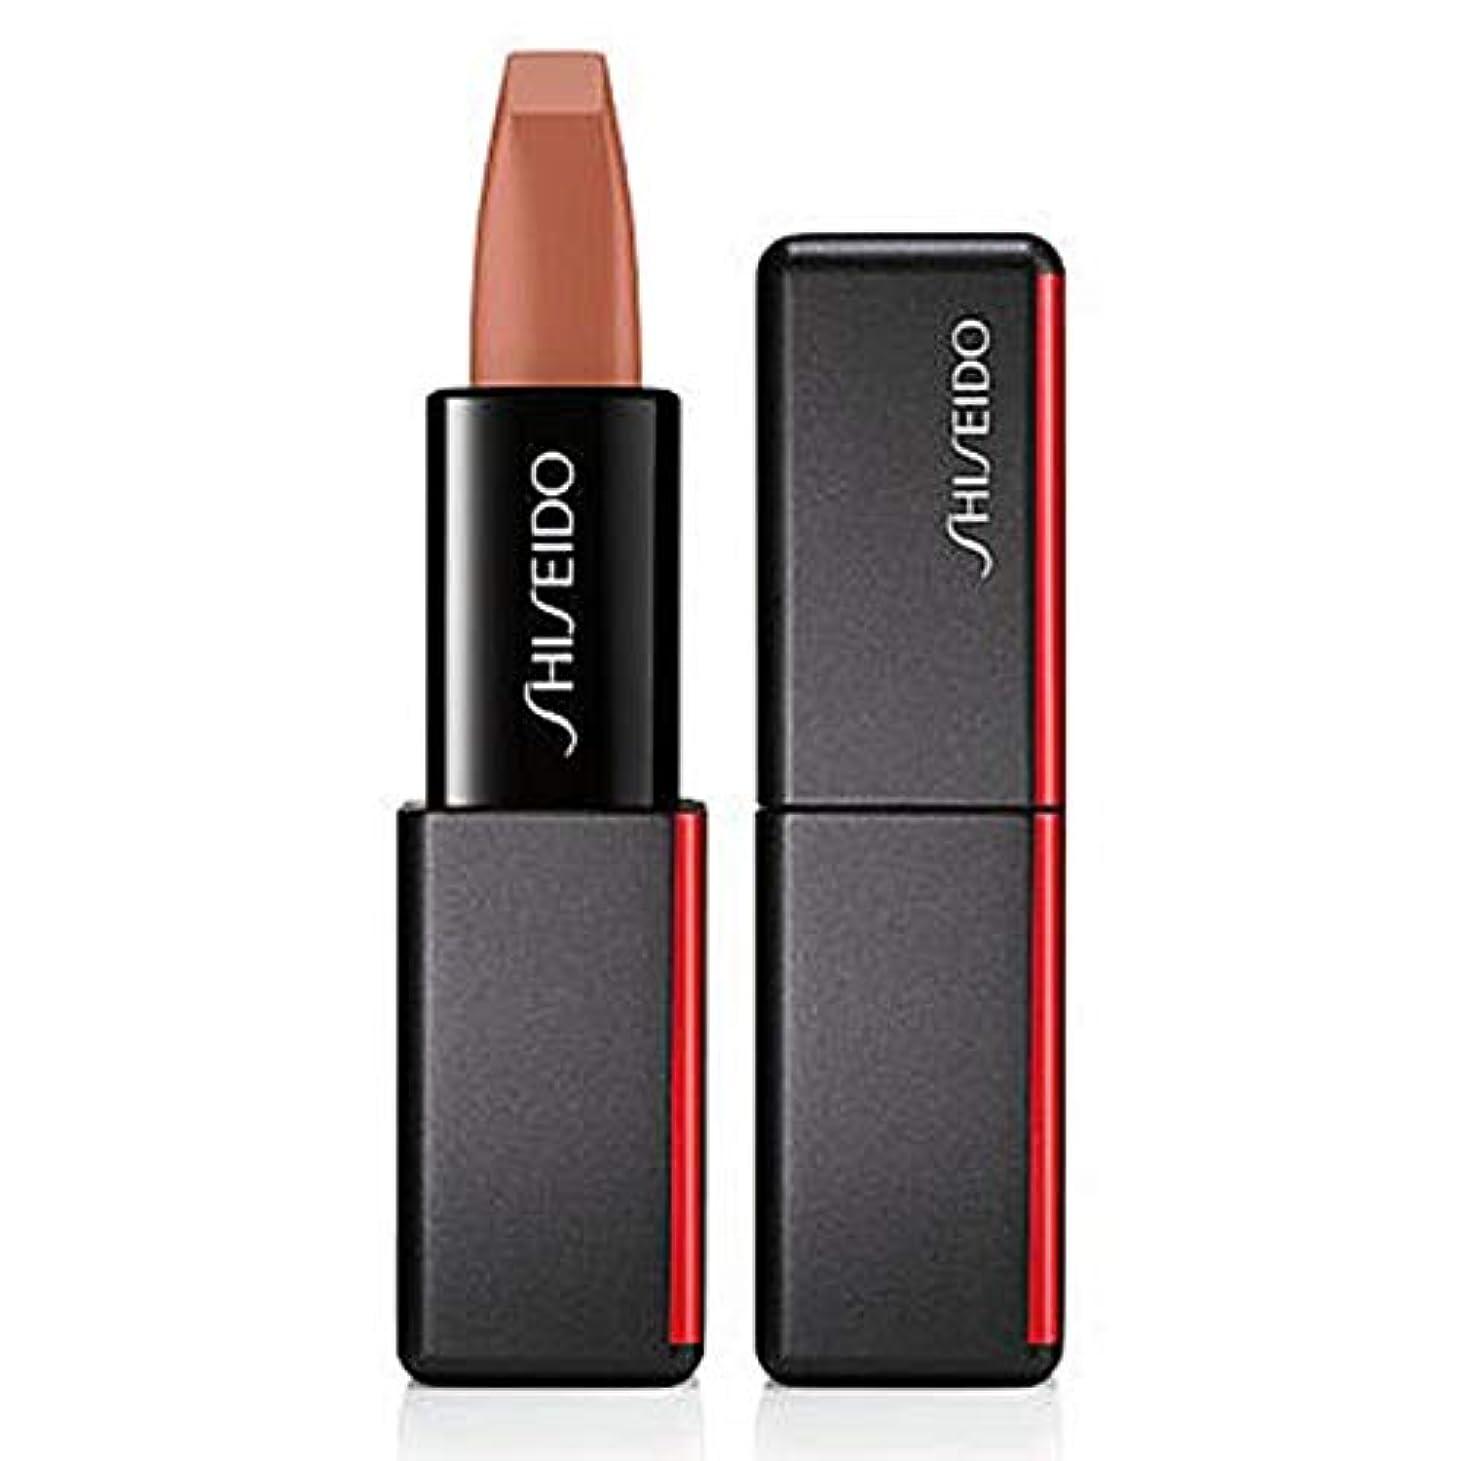 祖母匿名破壊資生堂 ModernMatte Powder Lipstick - # 504 Thigh High (Nude Beige) 4g/0.14oz並行輸入品